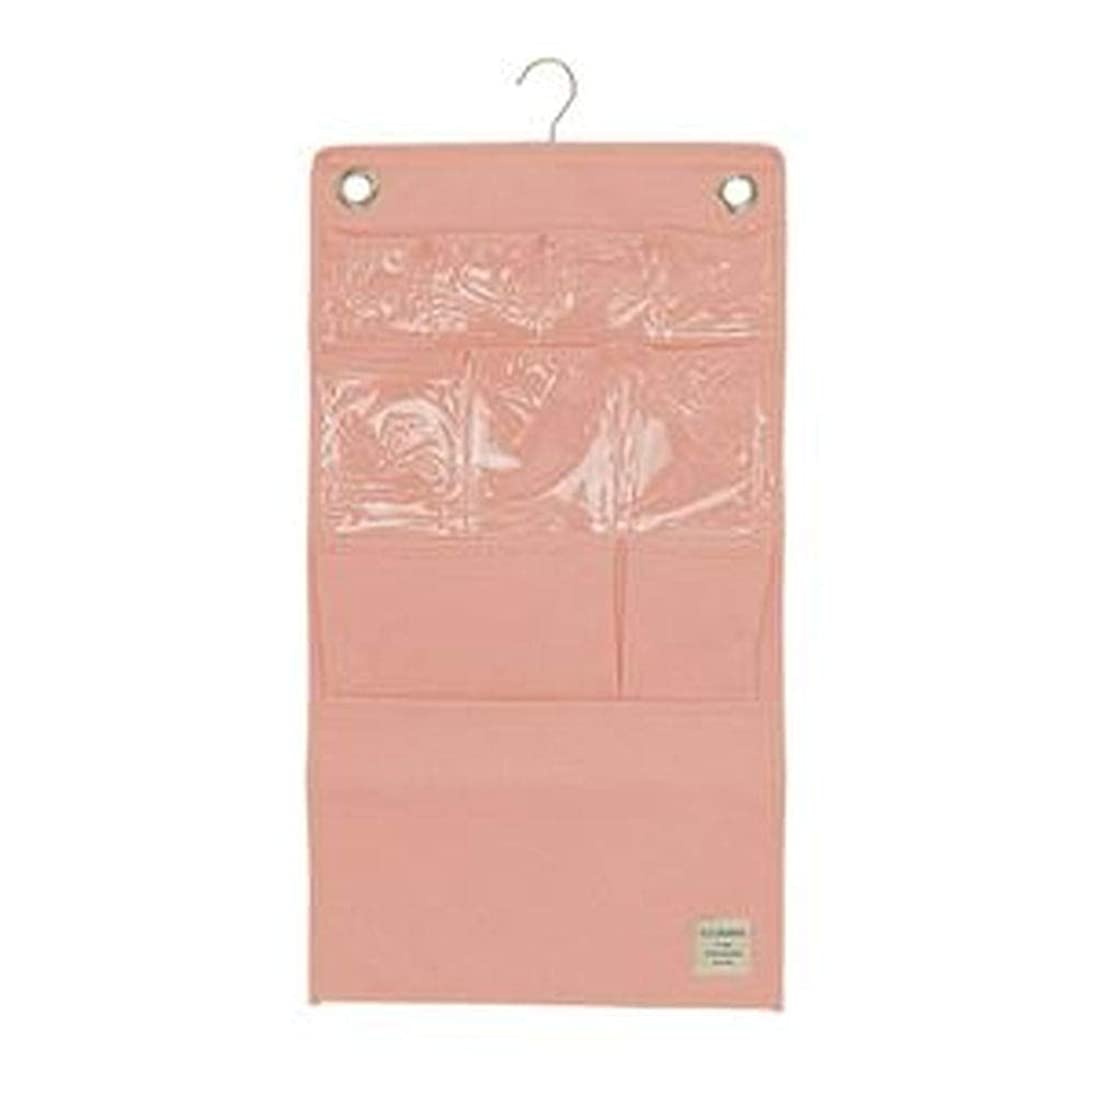 つかの間不確実杭- 4個セット - / ウォールポケット/壁掛け収納 / - ピンク - / 幅38cm×高さ70cm / 『ストレリアナチュレ』